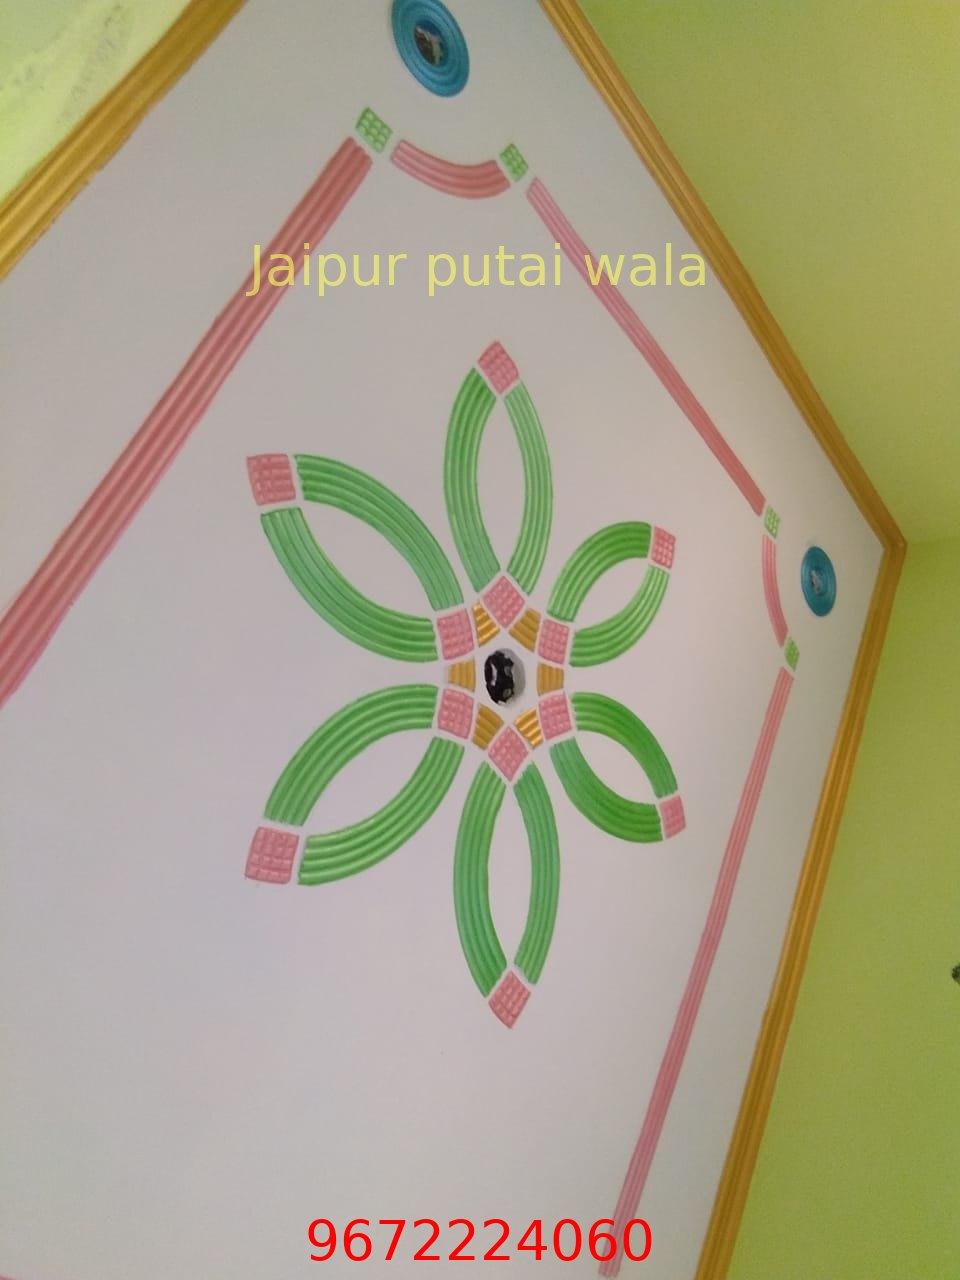 designer-false-ceiling-jaipur-09.jpg